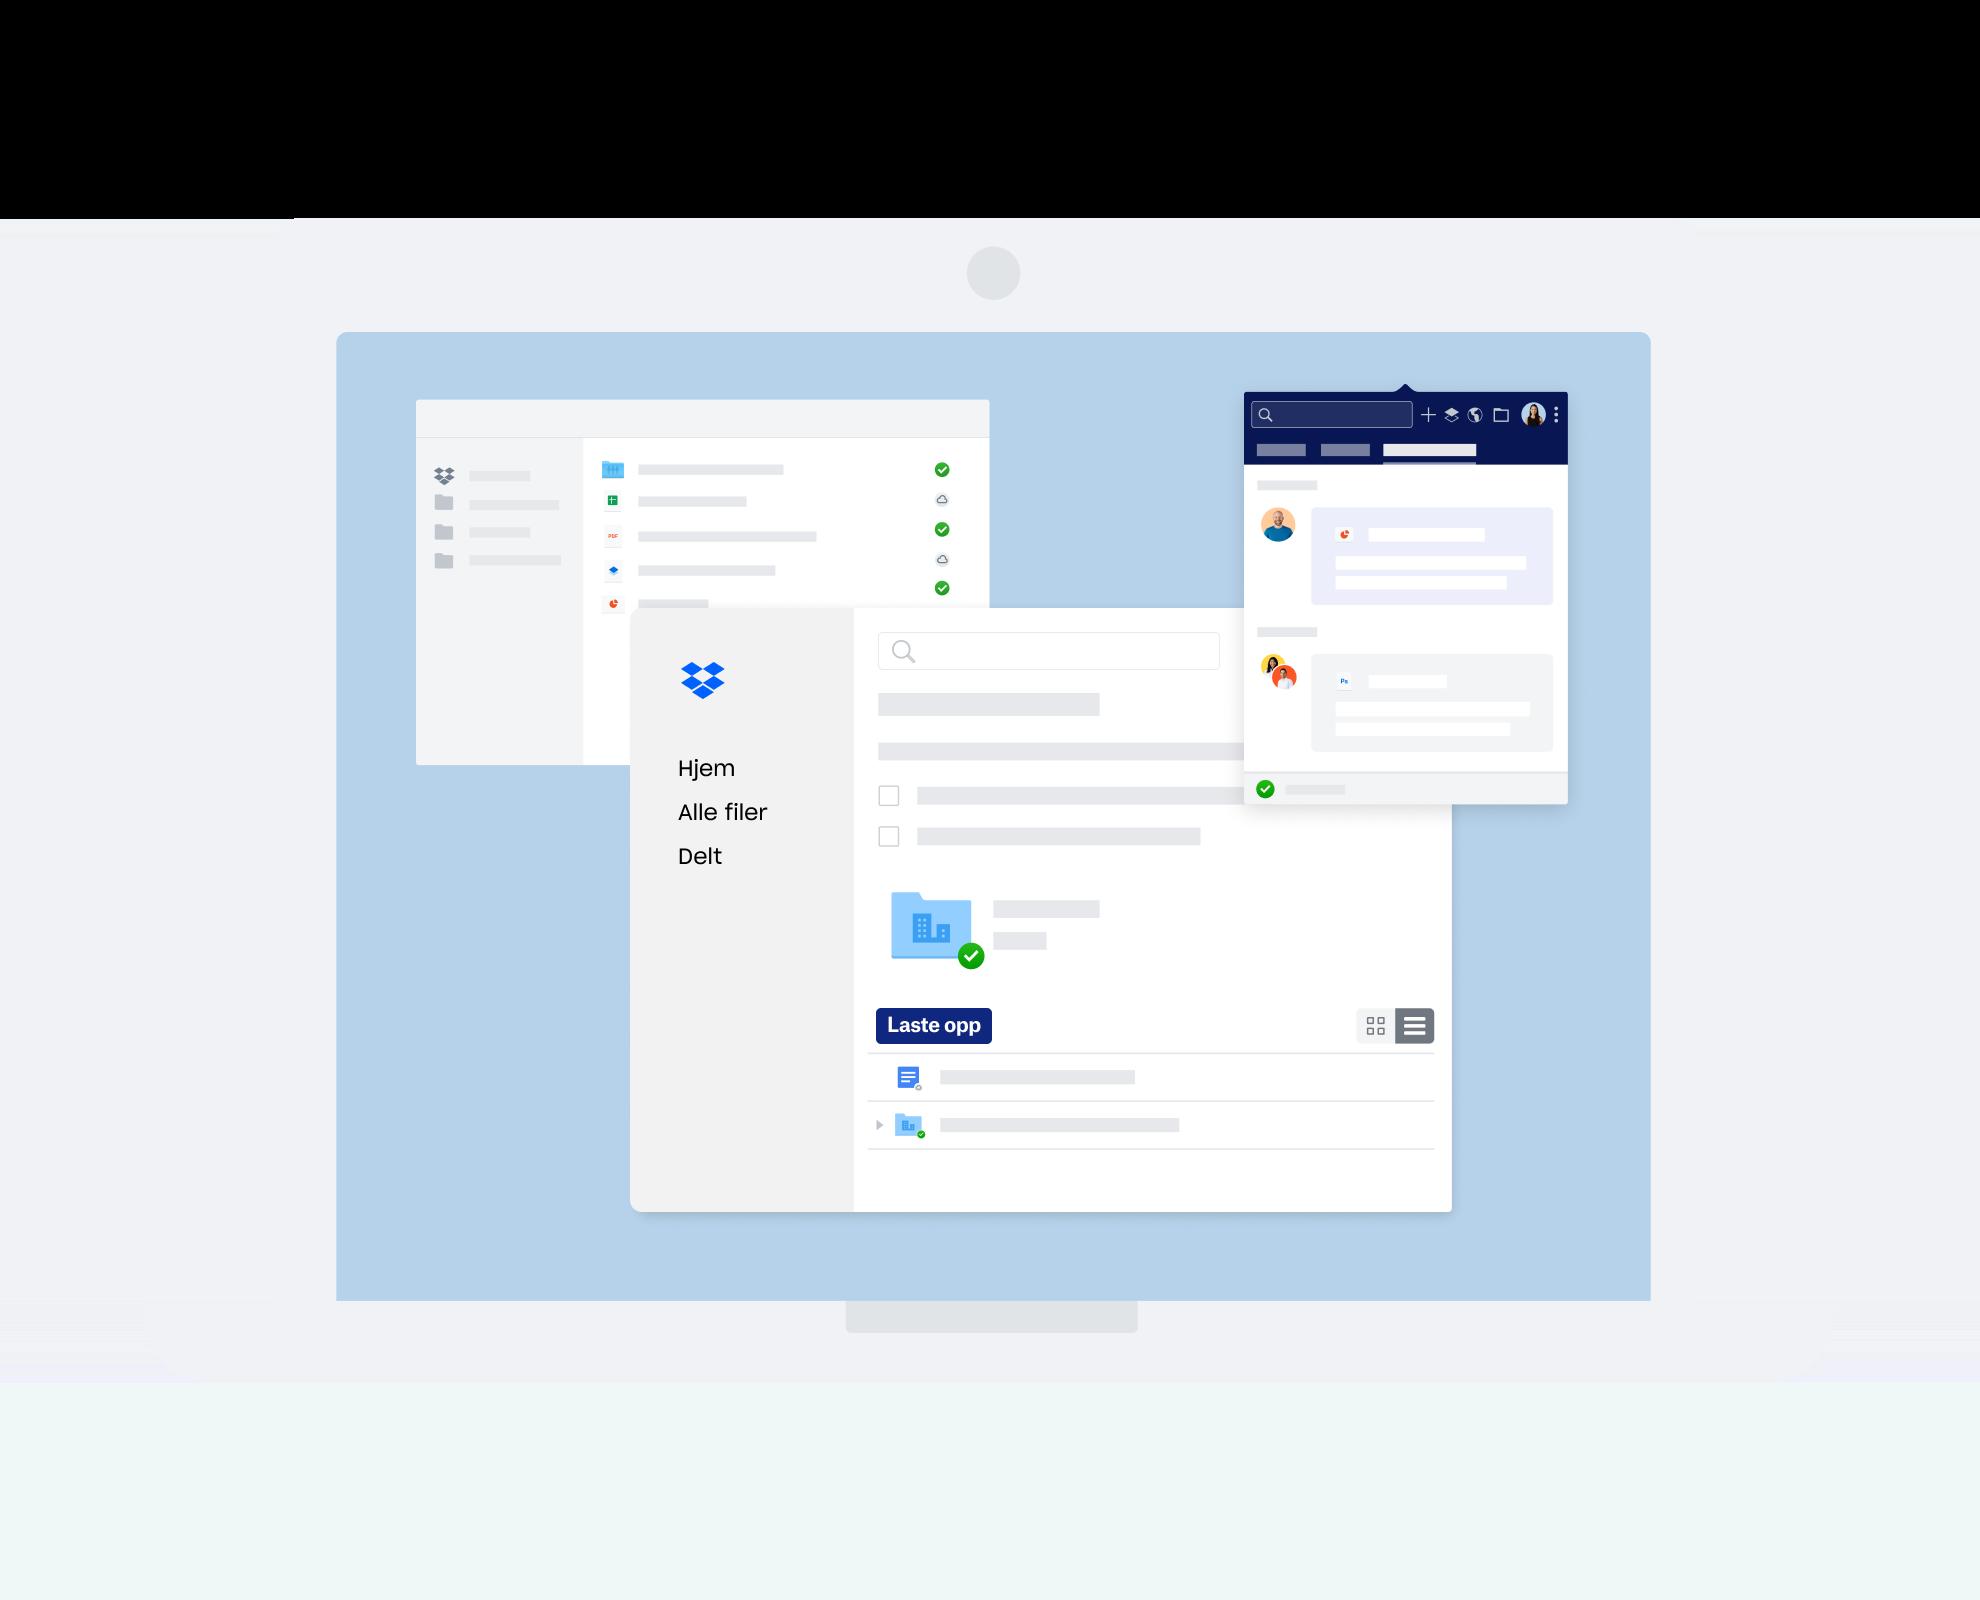 Ulike Dropbox-grensesnitt for kommunikasjon og samarbeid